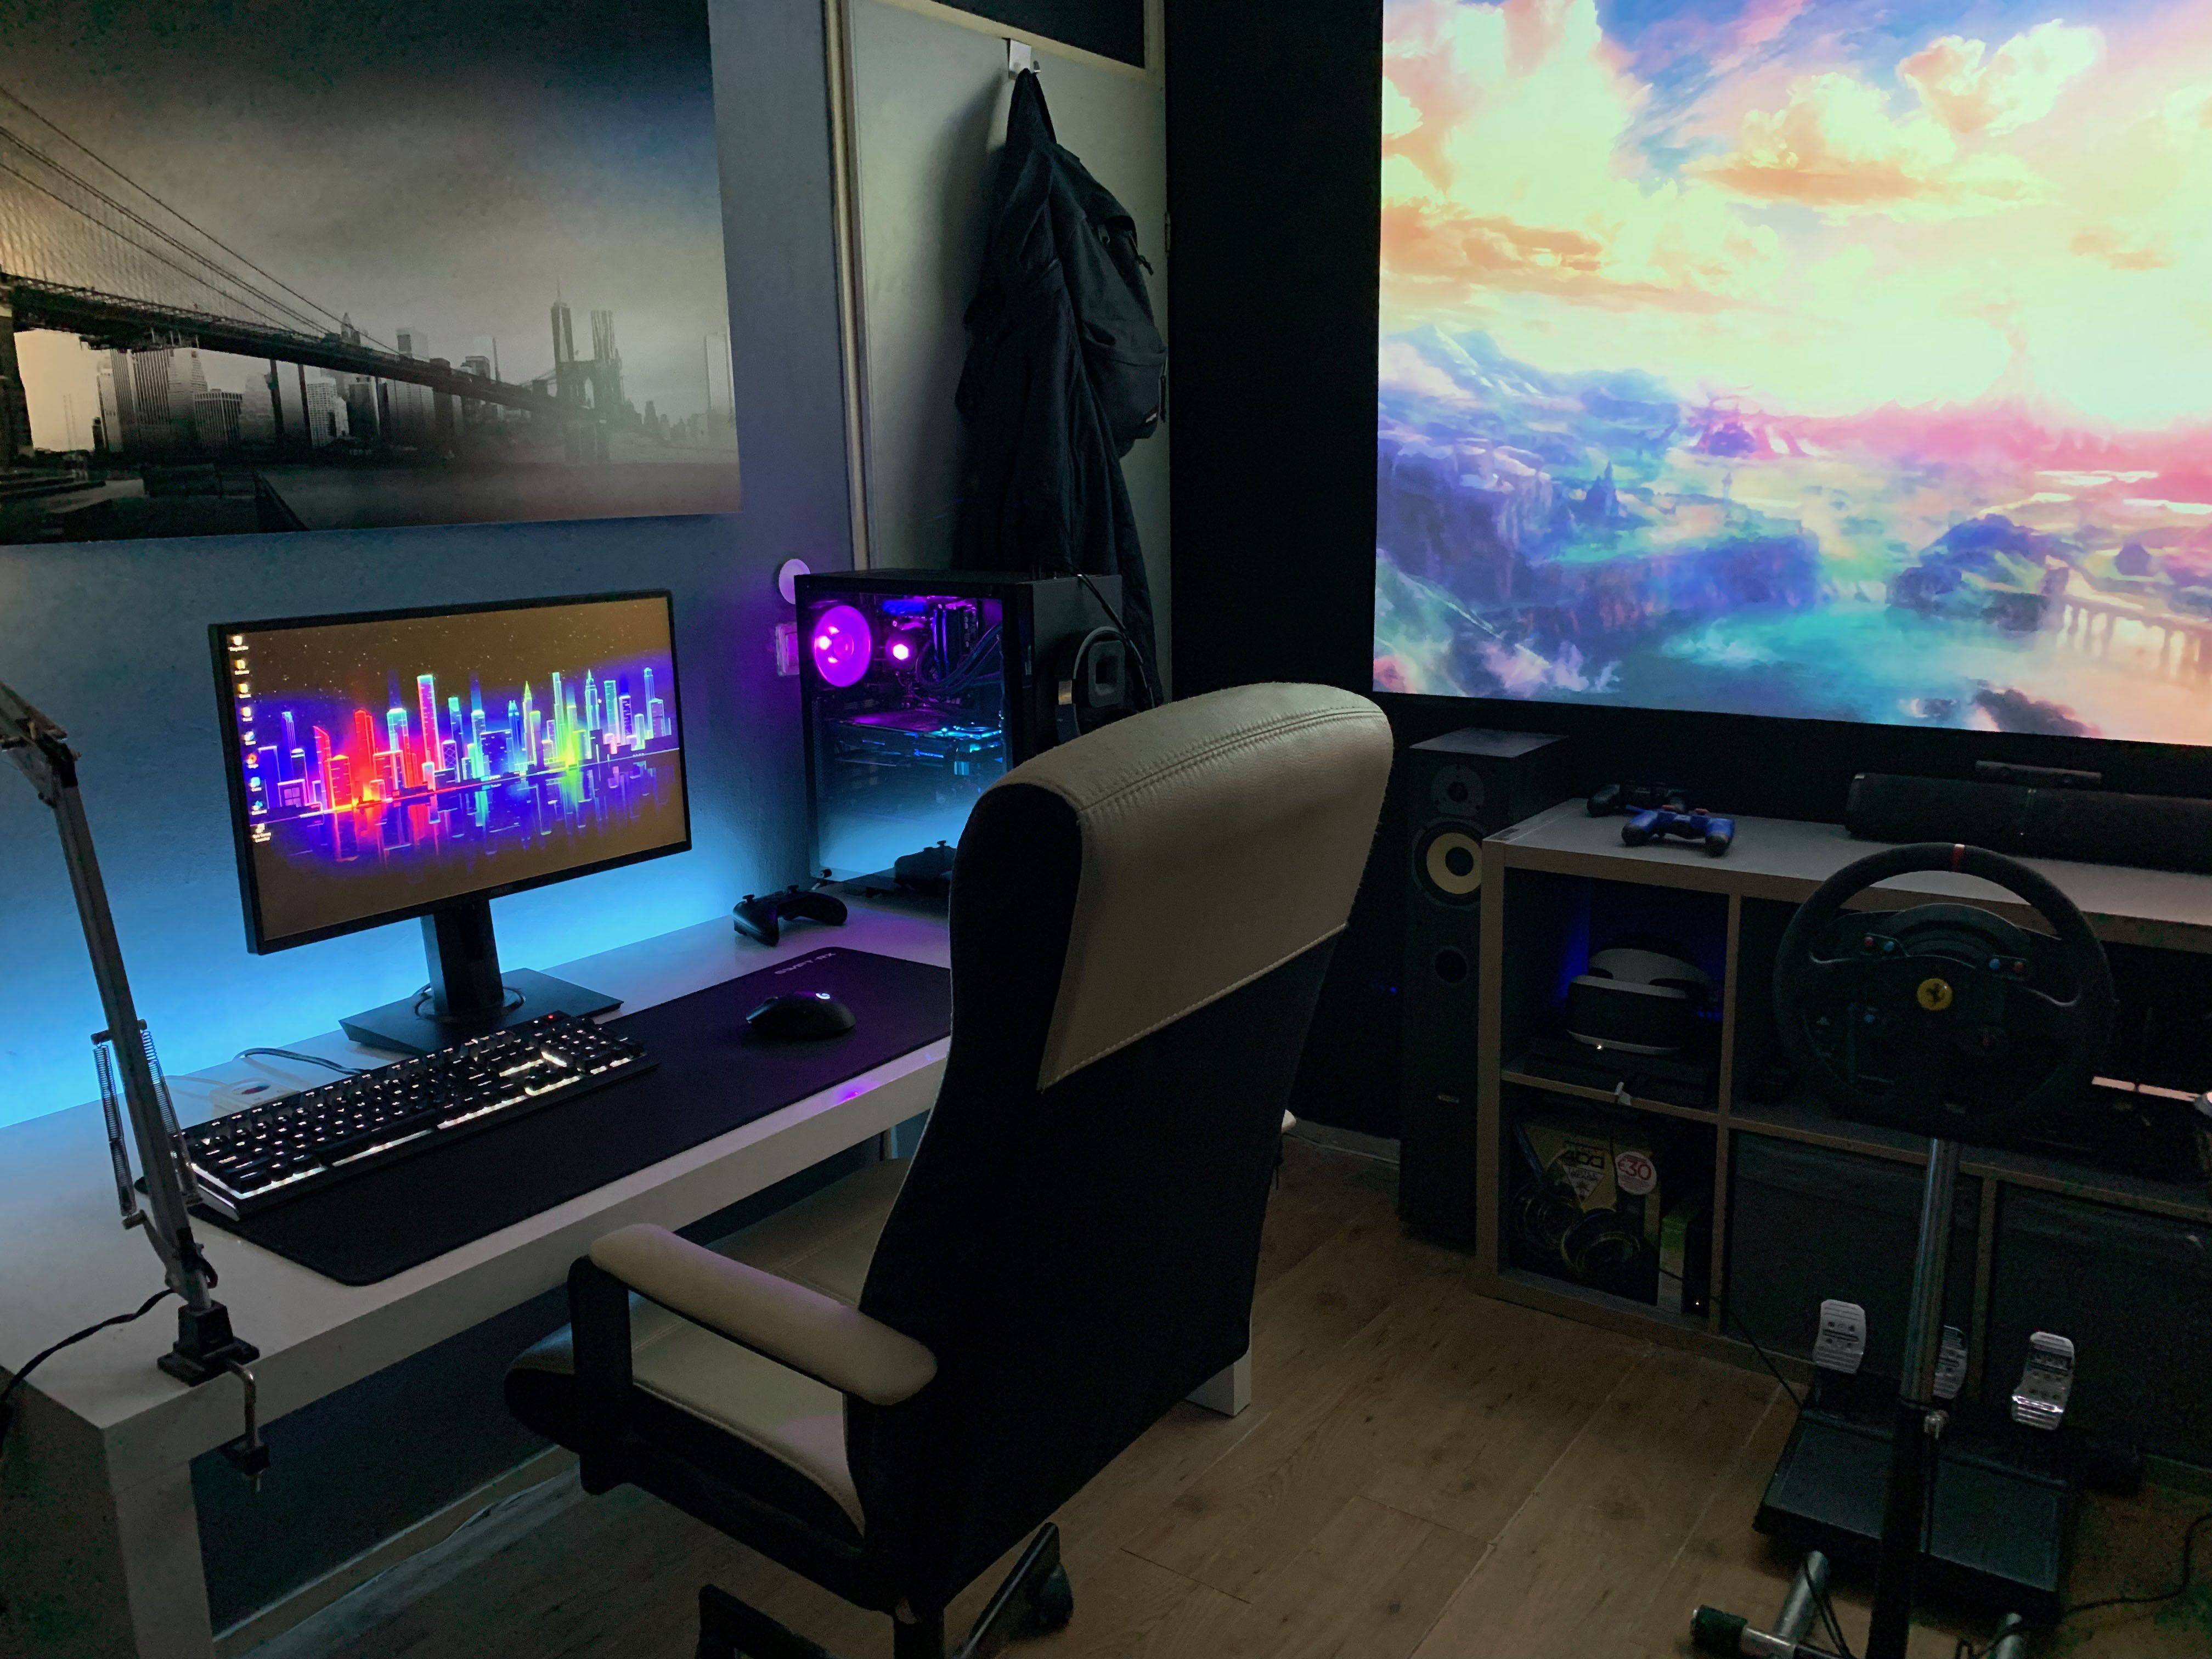 Veloci's Setup - Battlestation from Reddit's JulianTJ | Scooget